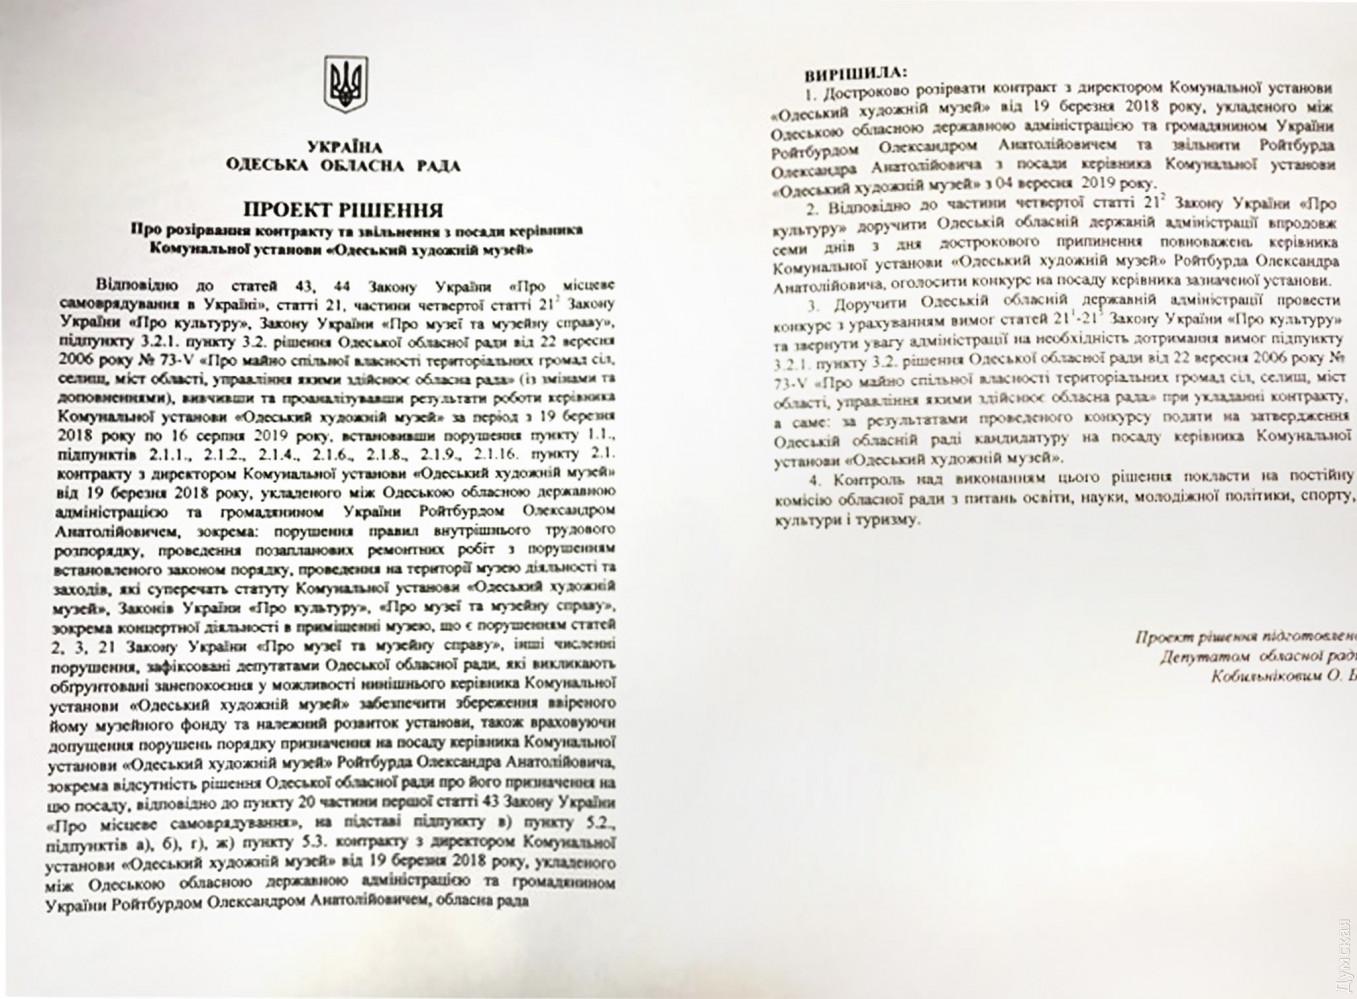 Одеська обласна рада достроково розірвала контракт з директором Одеського художнього музею, художником Олександром Ройтбурдом